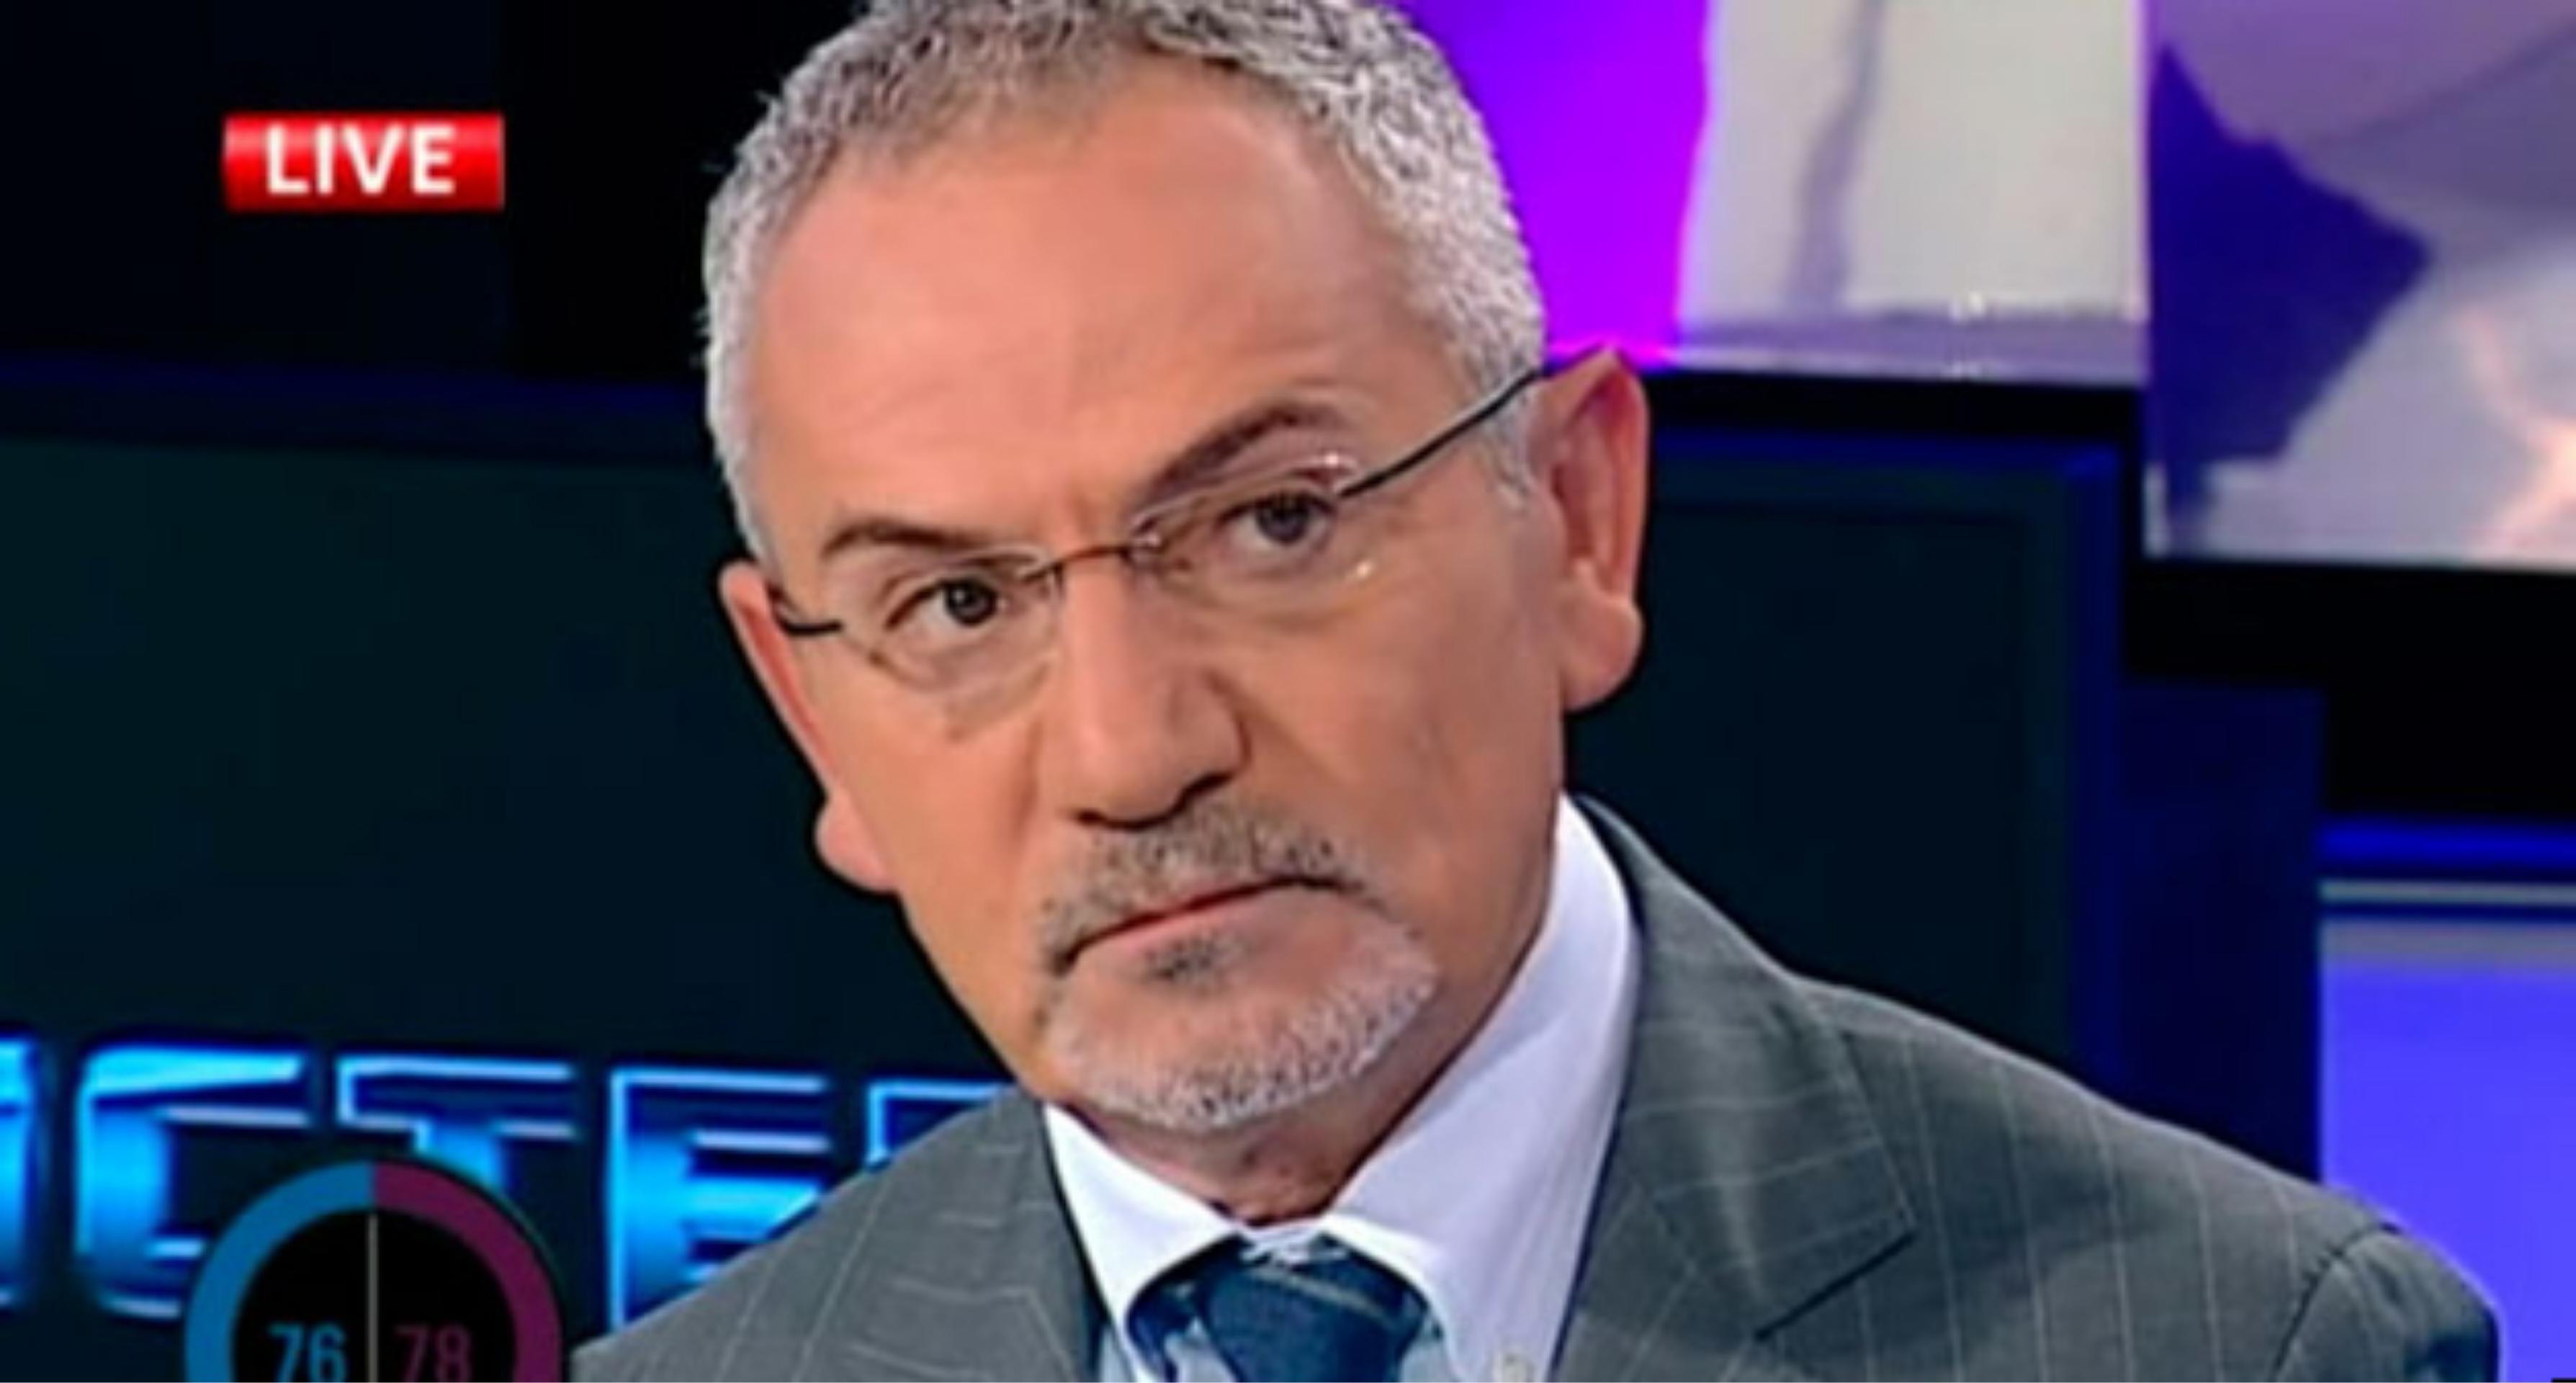 Шустера и его канал обвиняют в финансовых махинациях